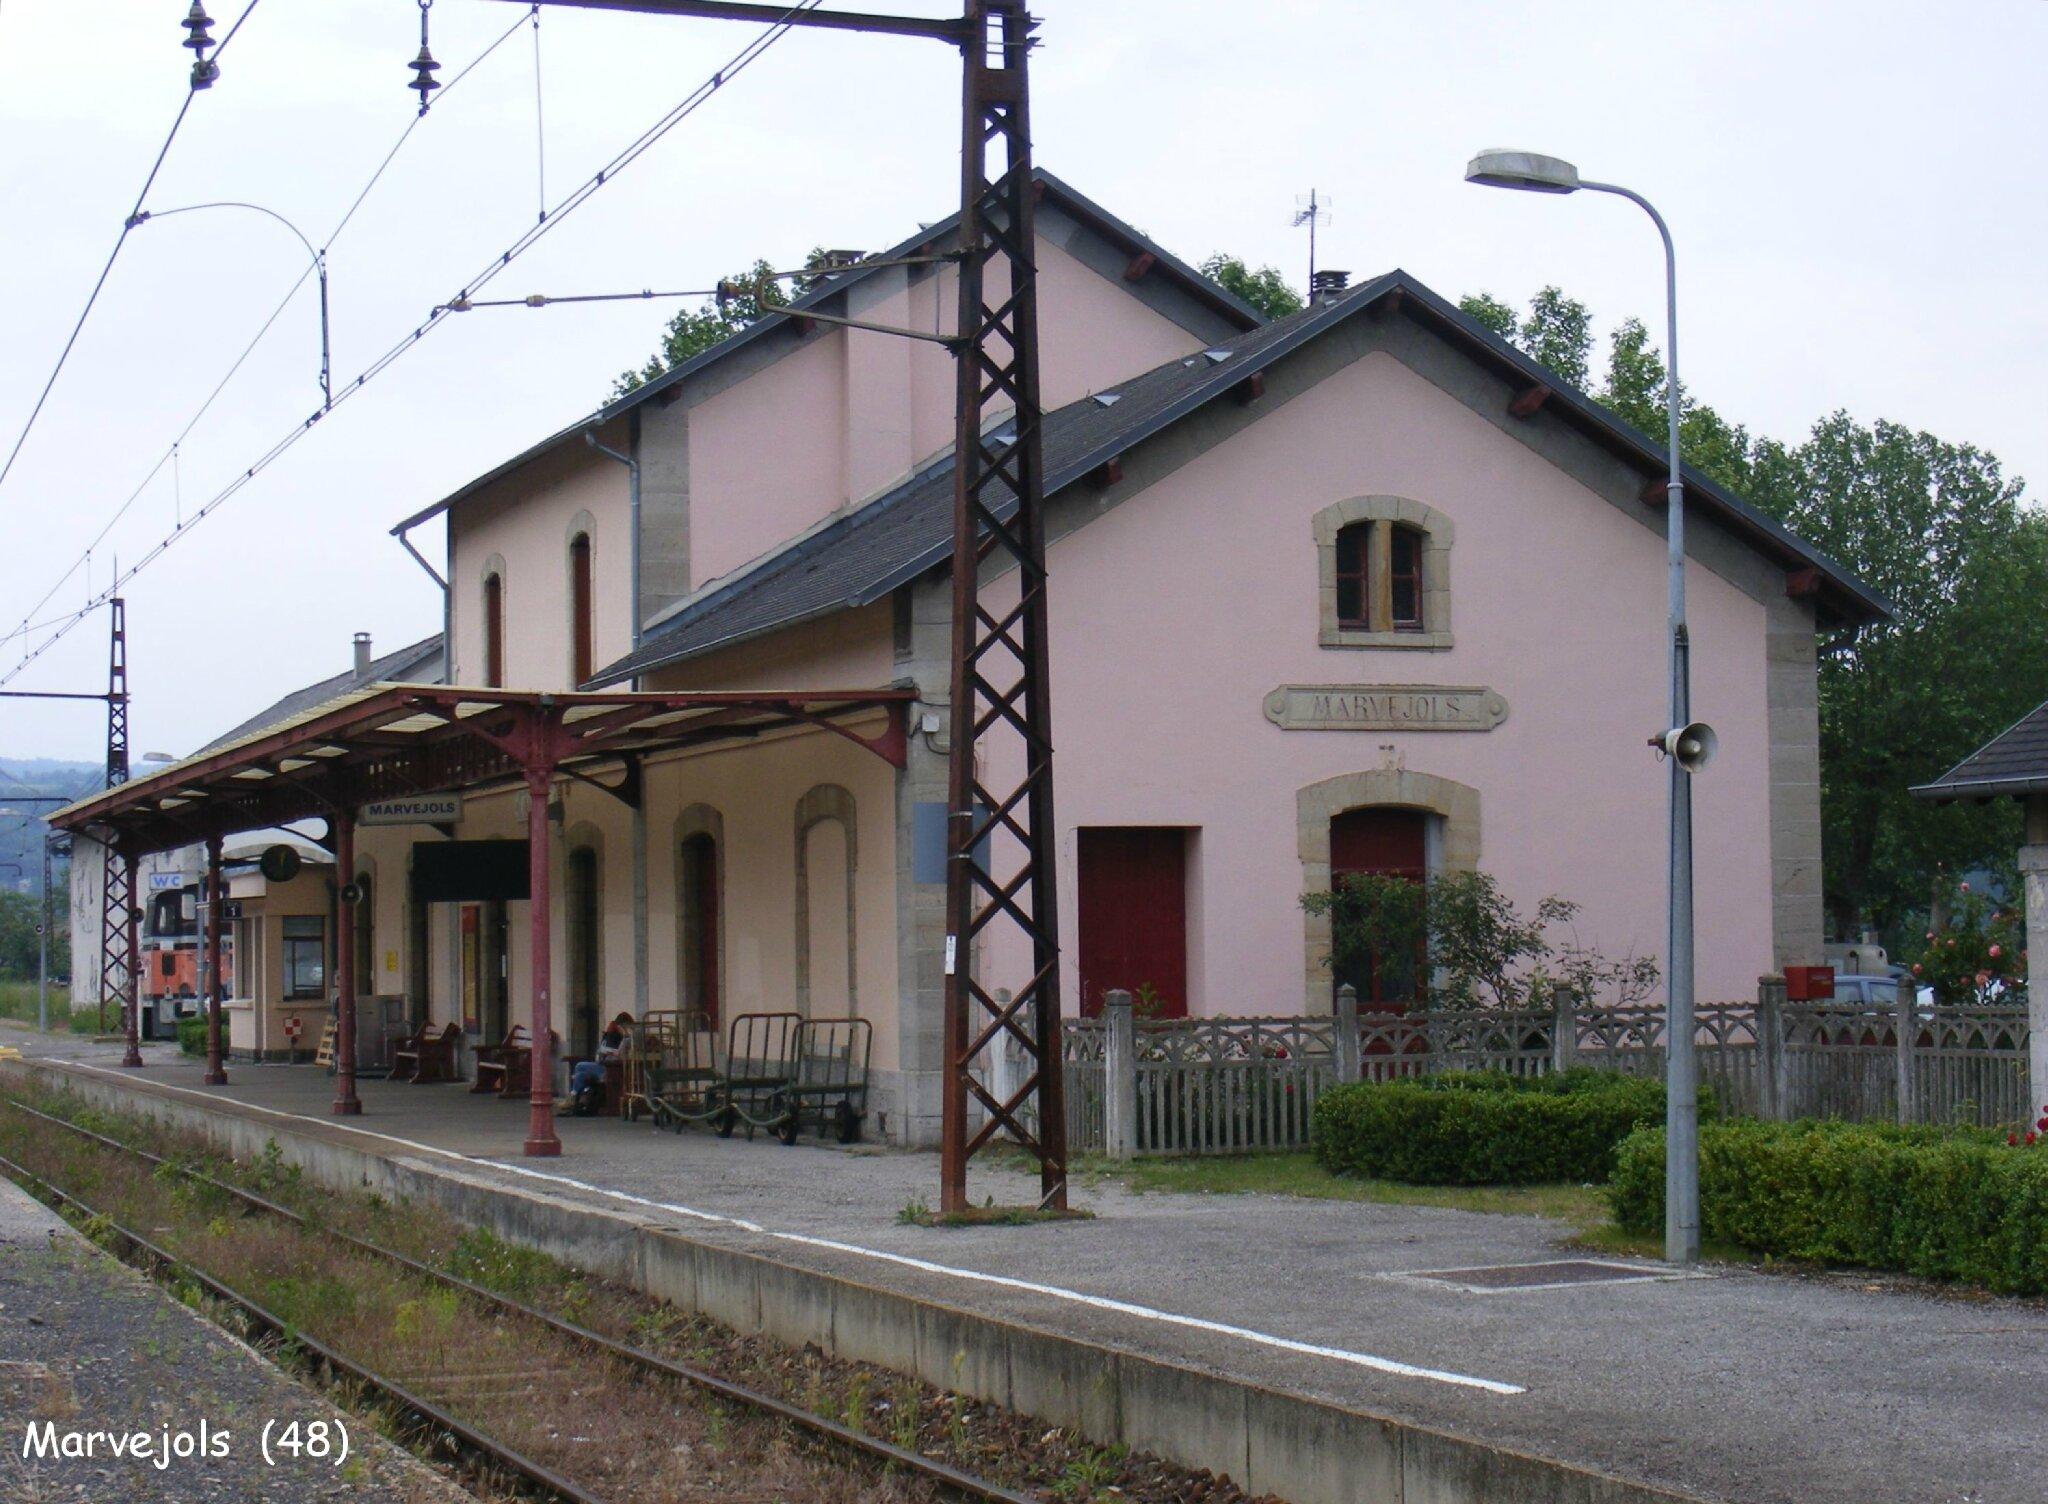 la gare de marvejols 48 les gares de france et leurs